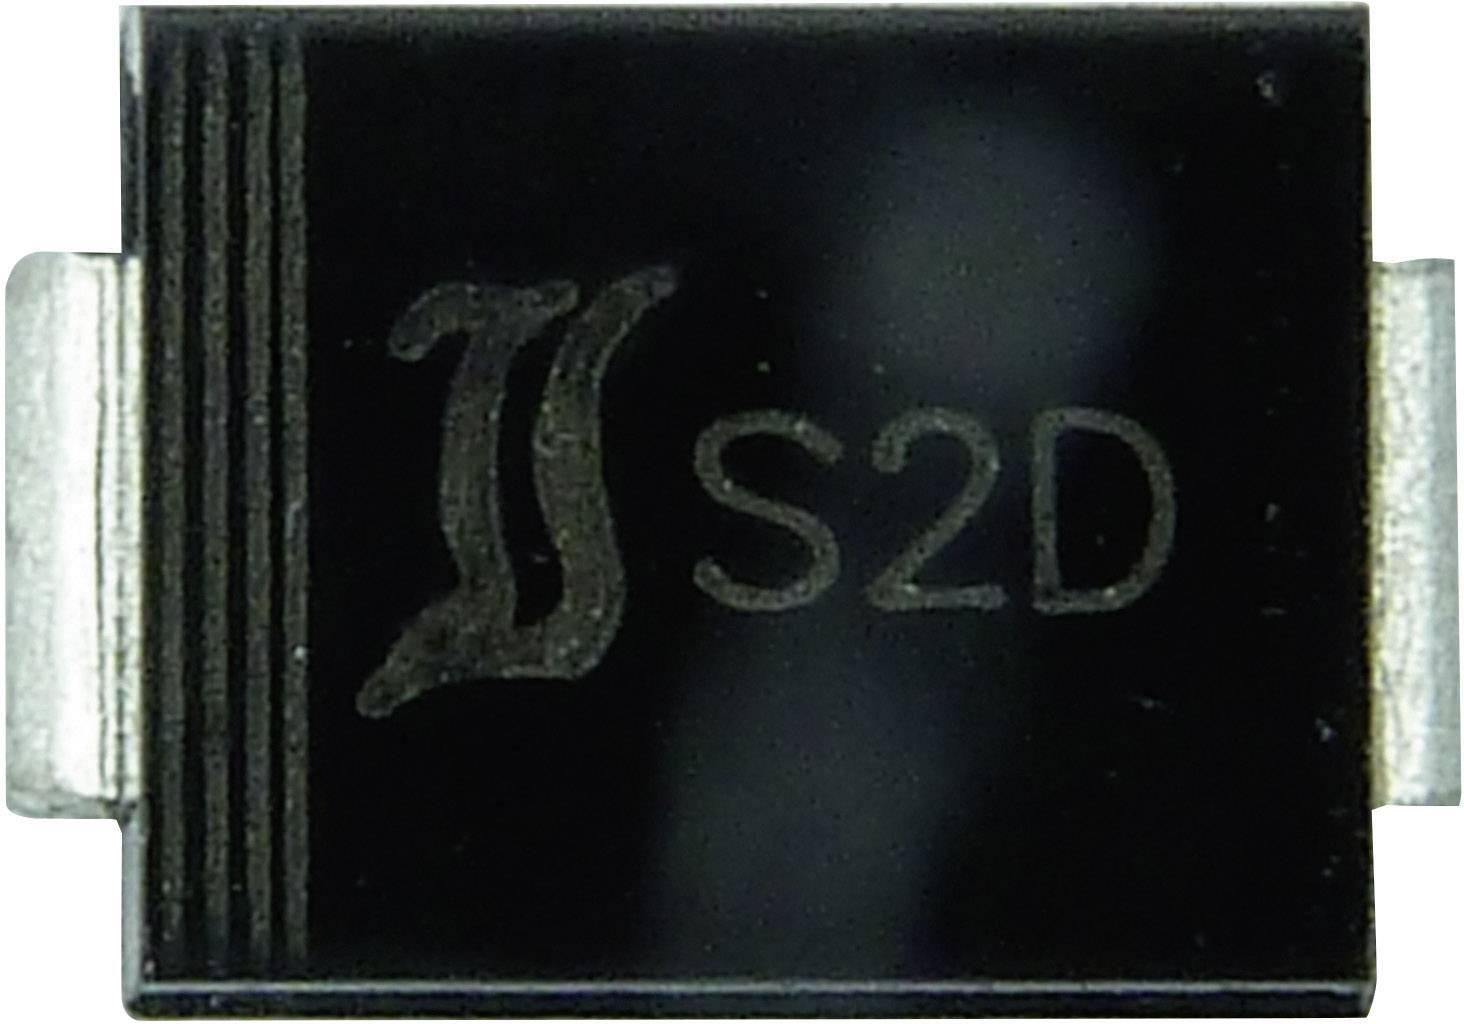 Zenerova dióda Diotec Z2SMB39, U(zen) 39 V